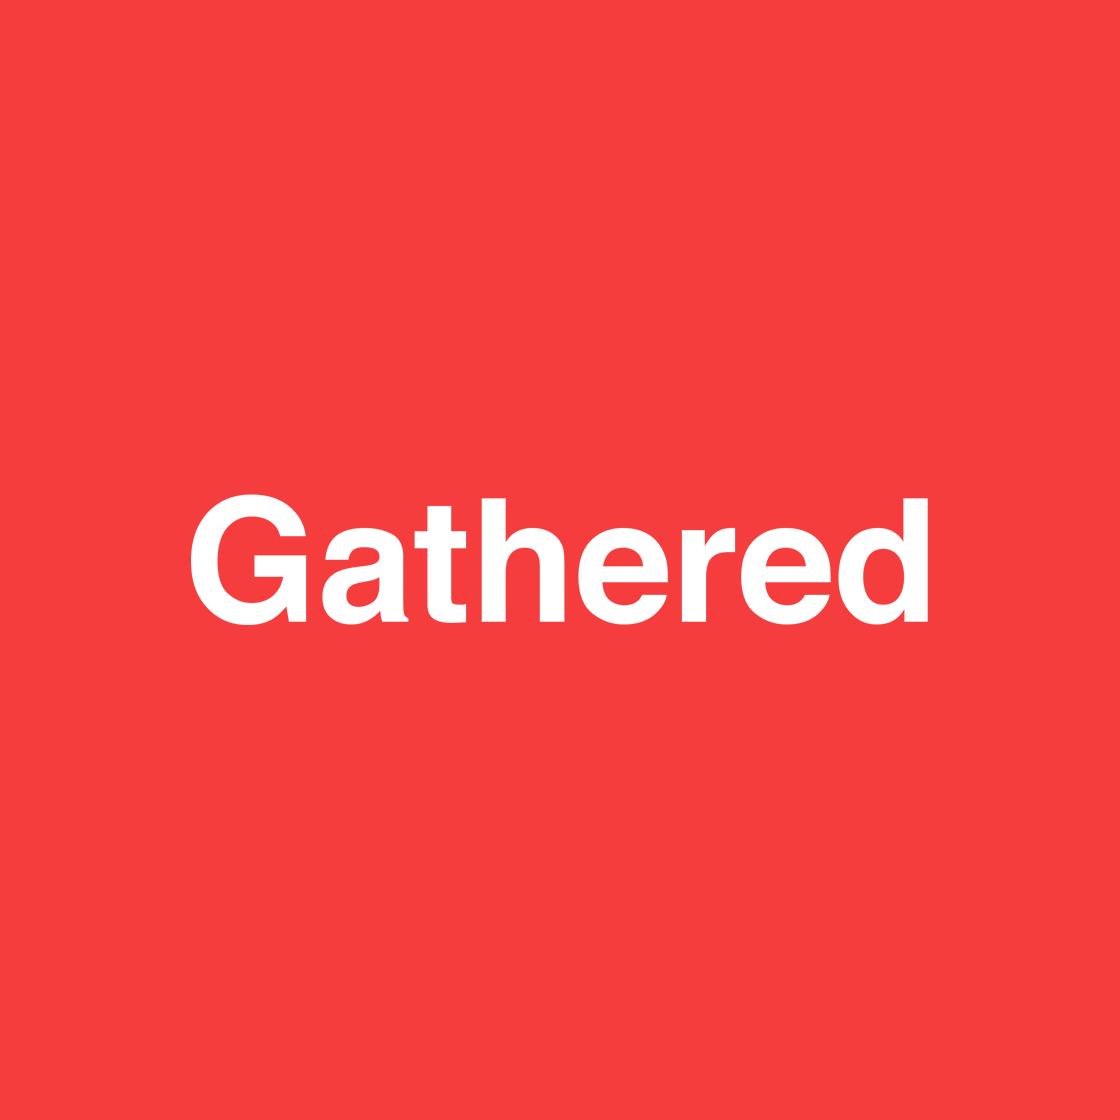 Gathered Logo